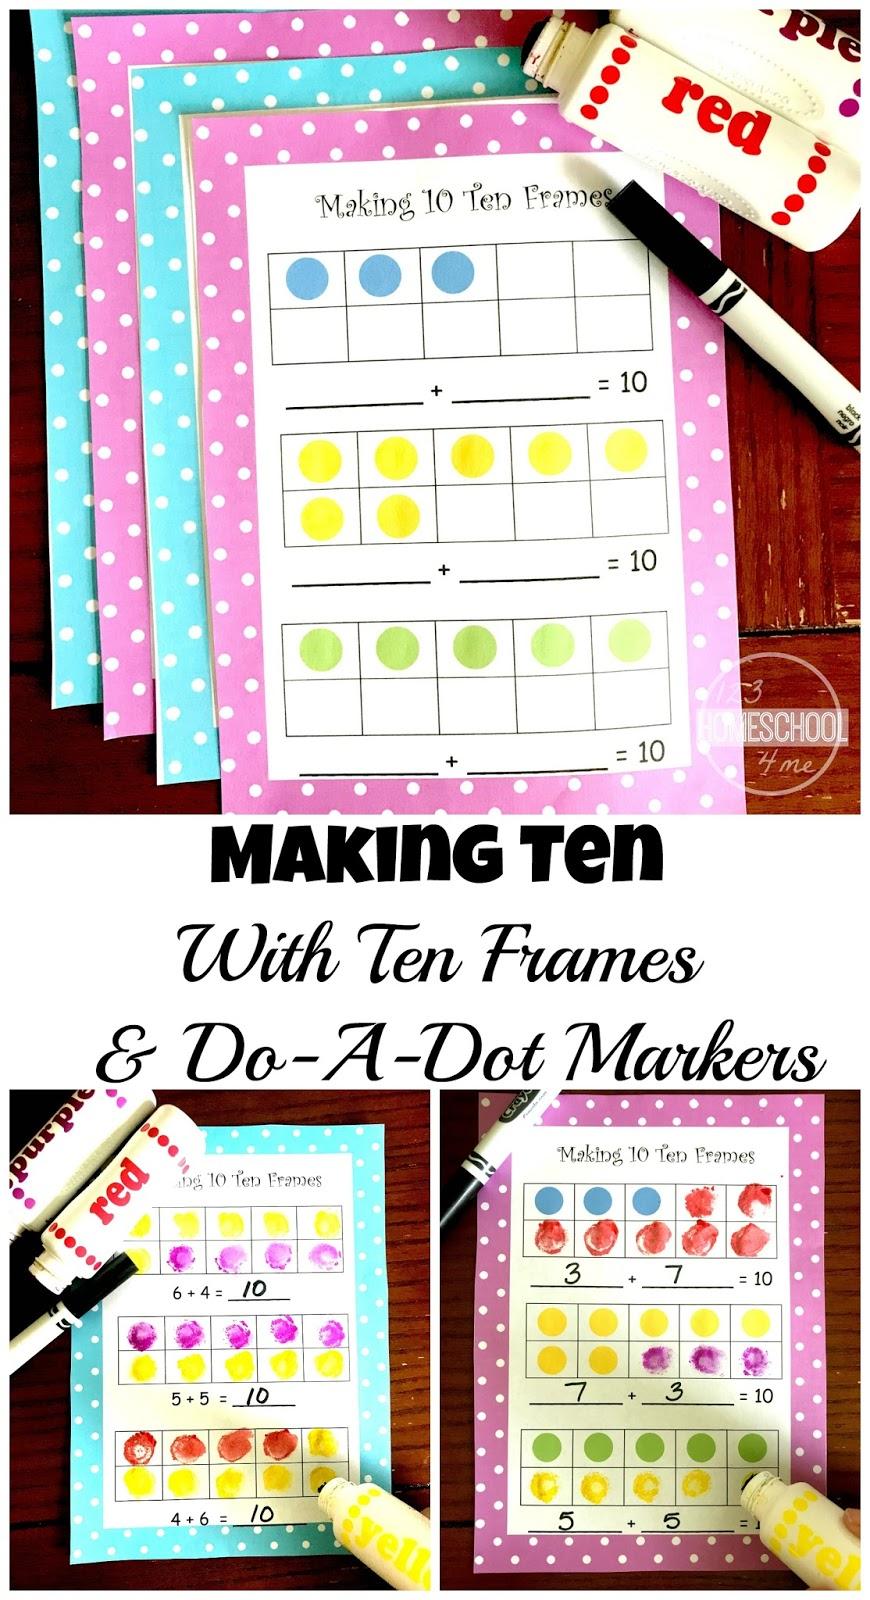 Worksheets Ten Frames Worksheets free making 10 ten frames